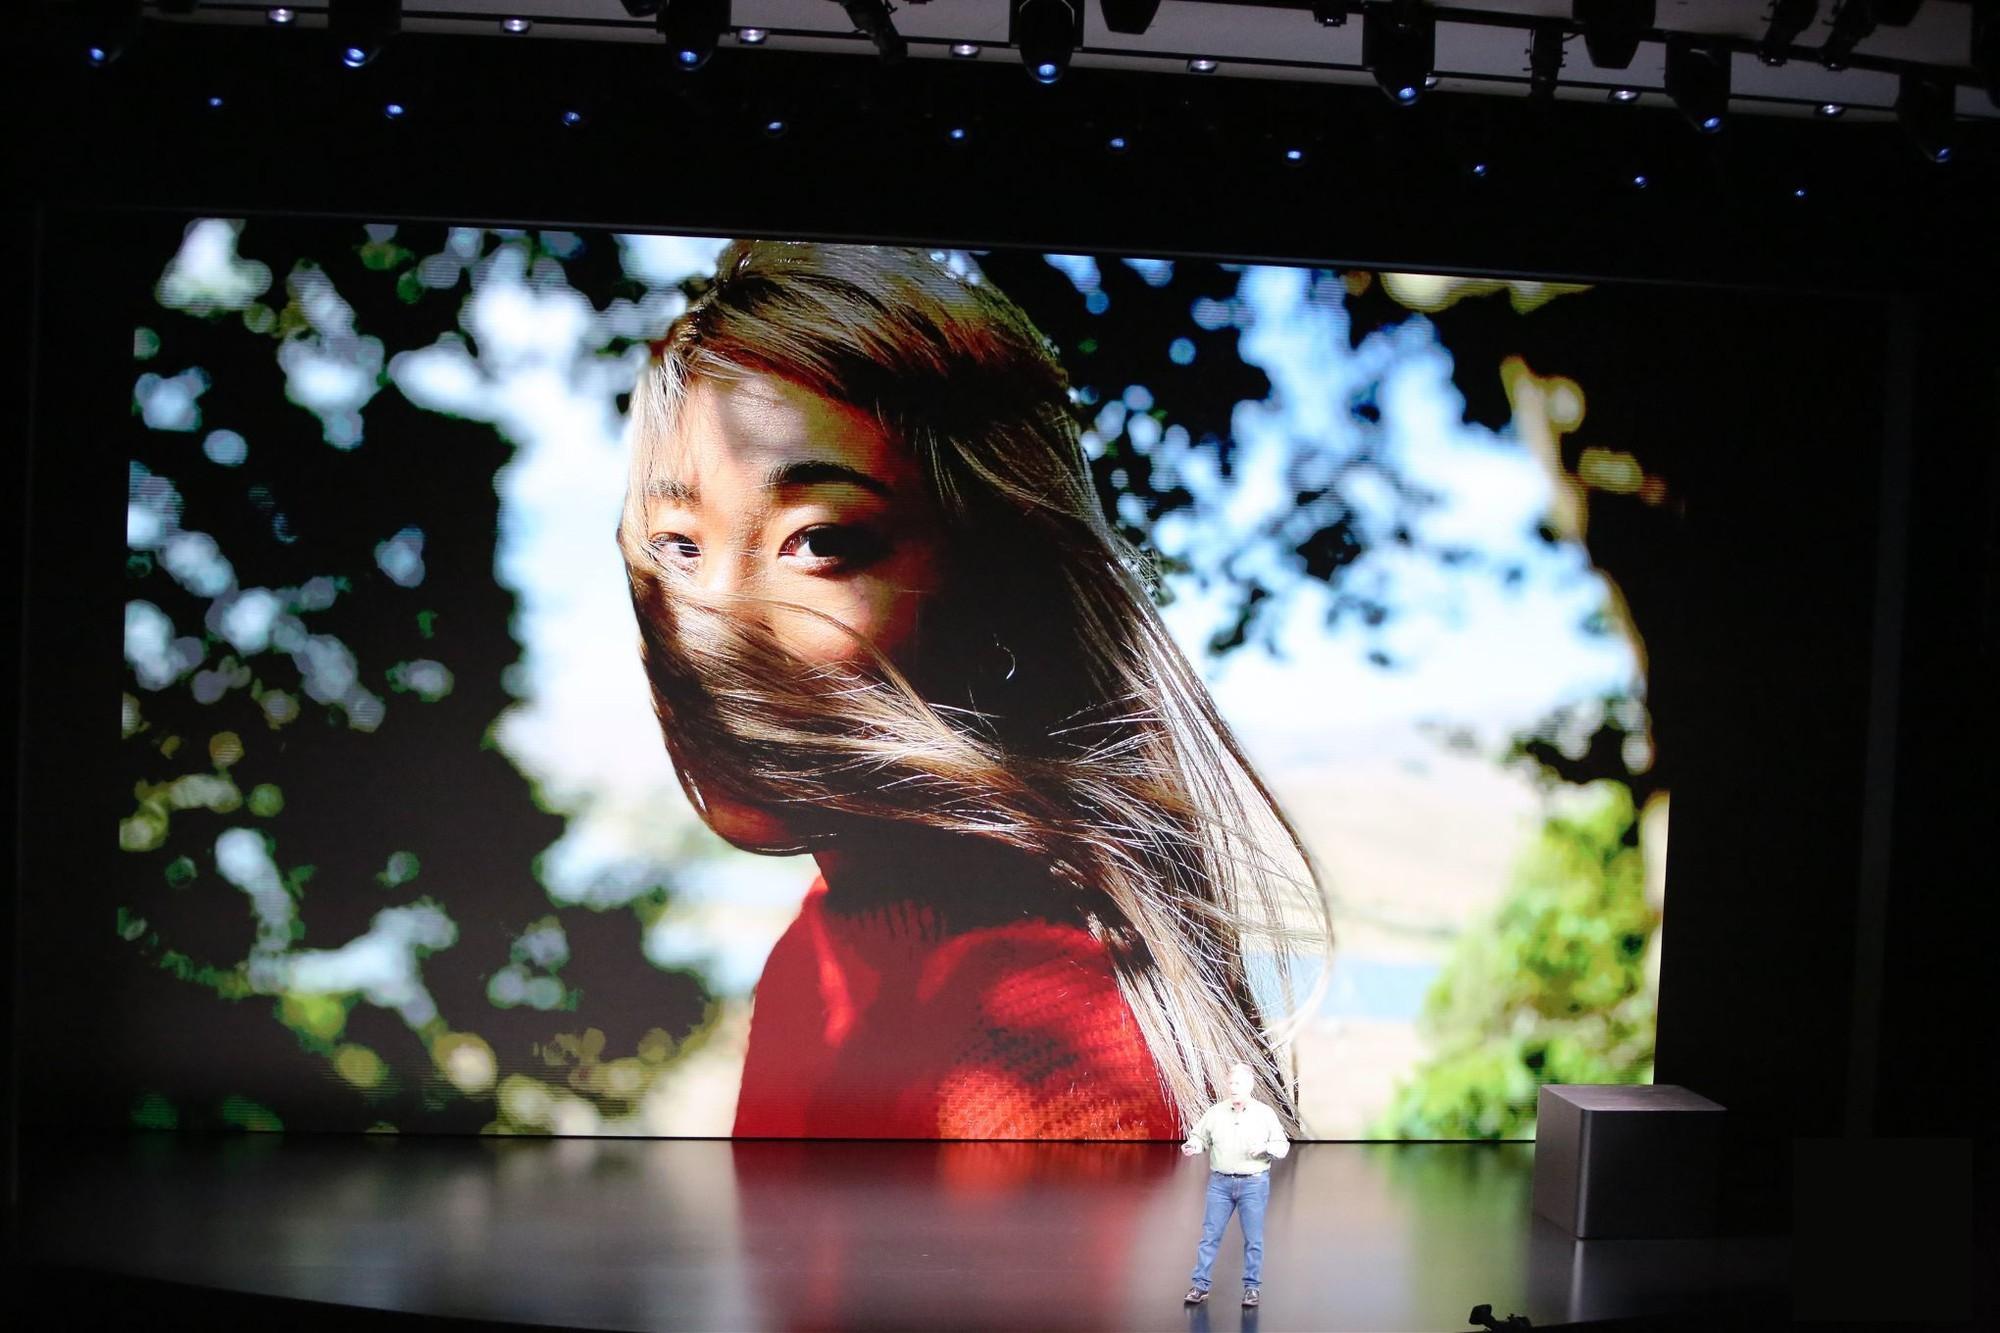 Review iPhone Xr: Nhìn như iPhone Xs nhưng giá iPhone Xr chỉ 17 triệu - Ảnh 5.